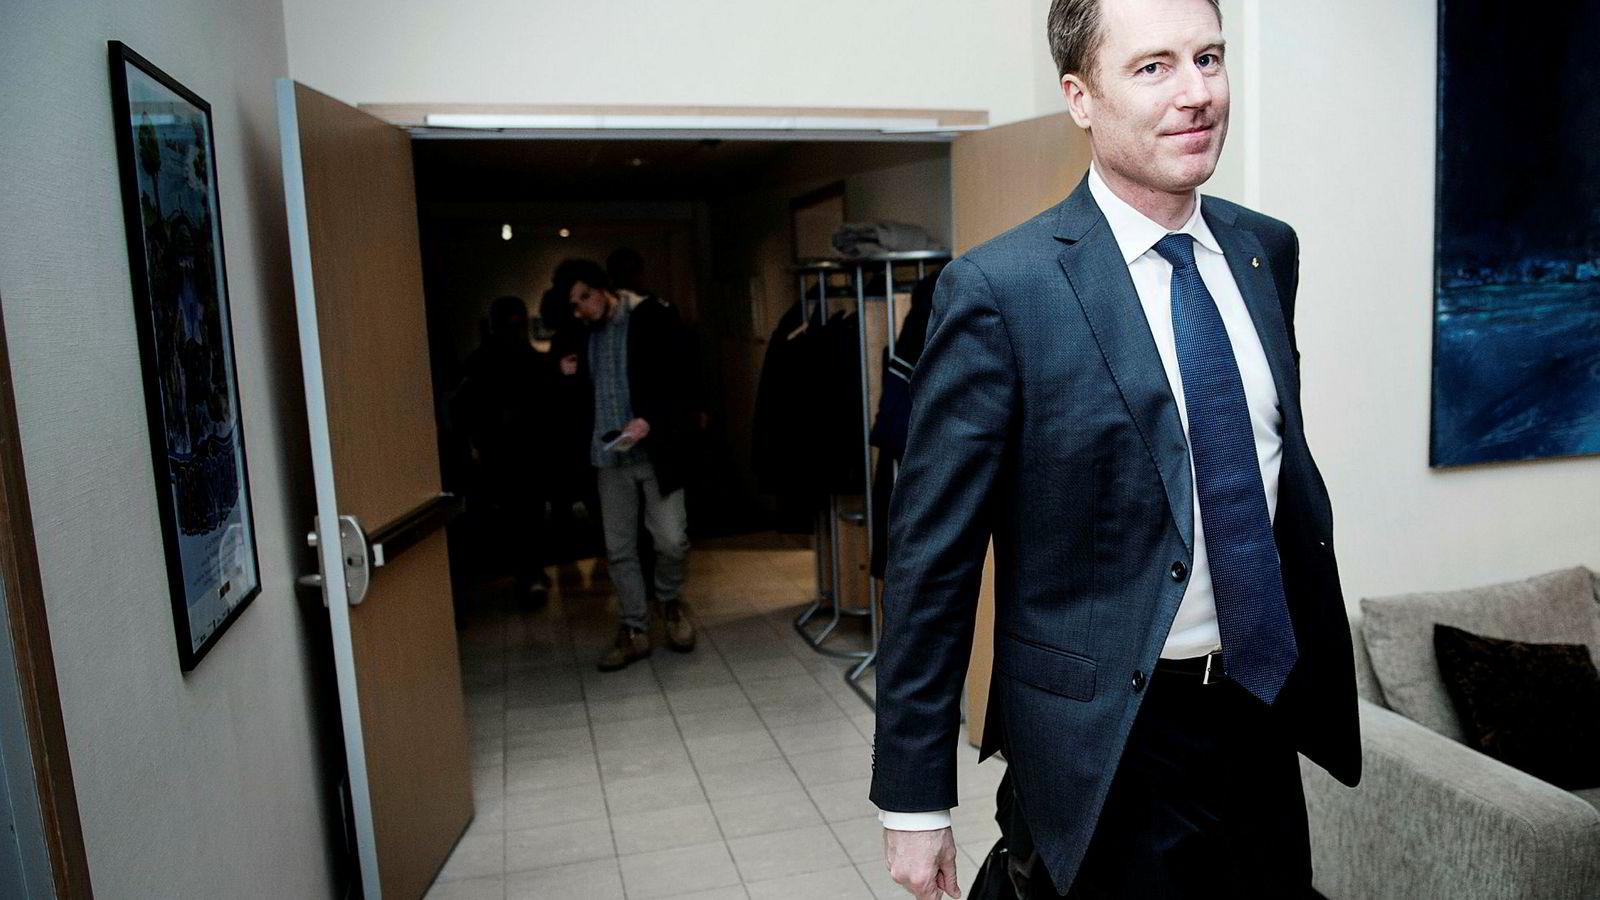 Paal Kibsgaard, eller Pål Kibsgaard-Petersen som han heter på norsk jord, er den norske toppsjefen med desidert høyest lønn.